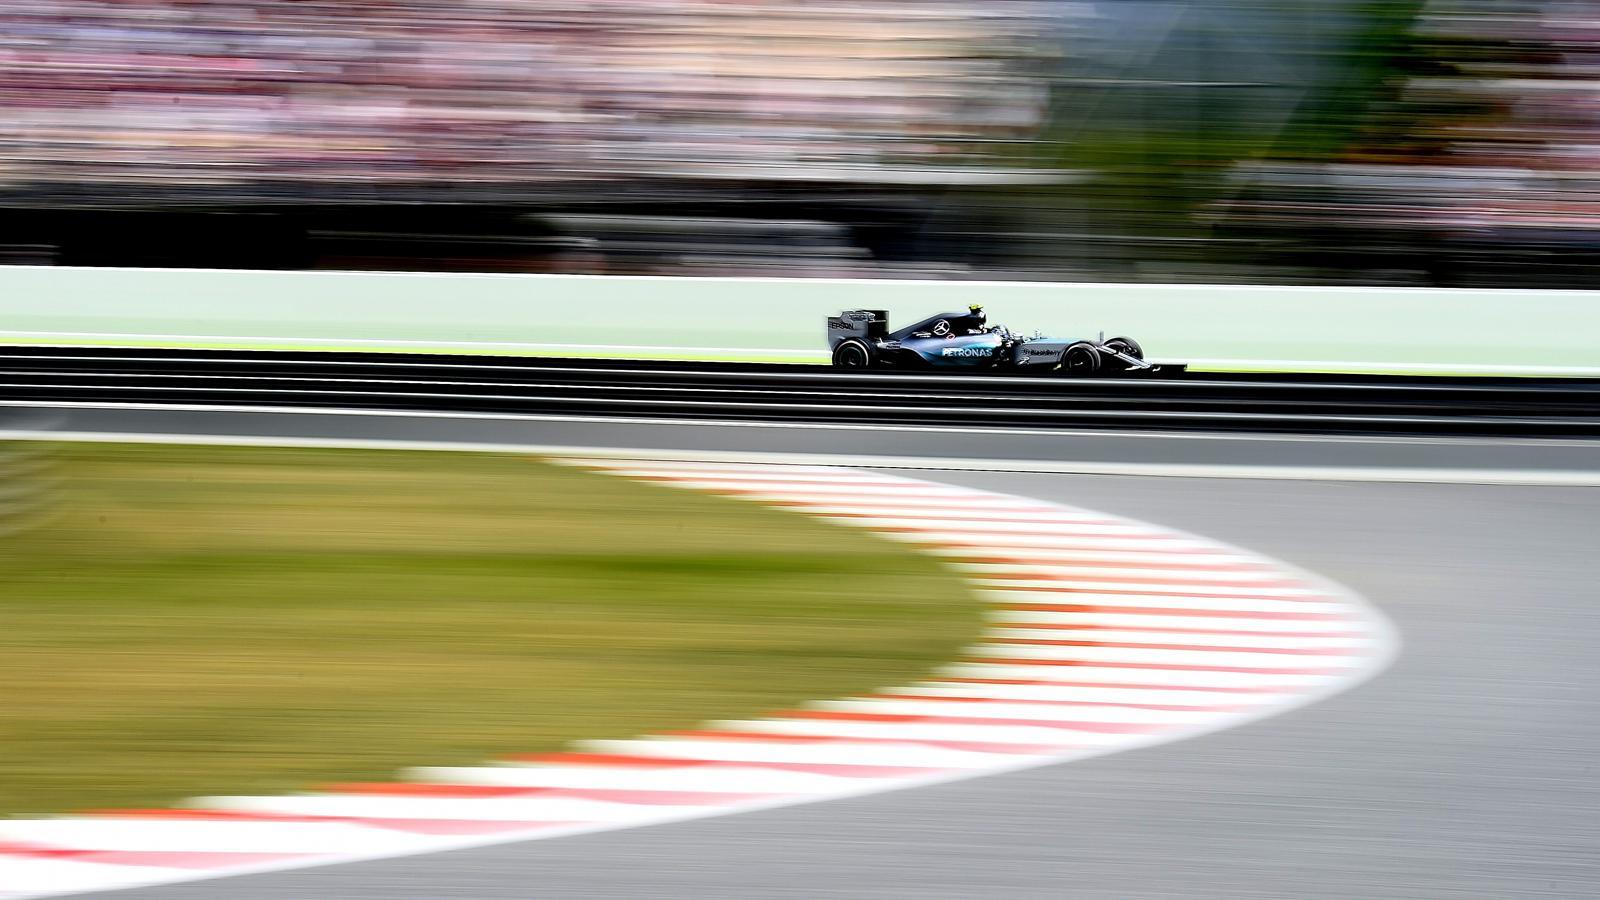 Spécial Sebastian Vettel (Formule un) - Page 18 1504911-32095388-1600-900